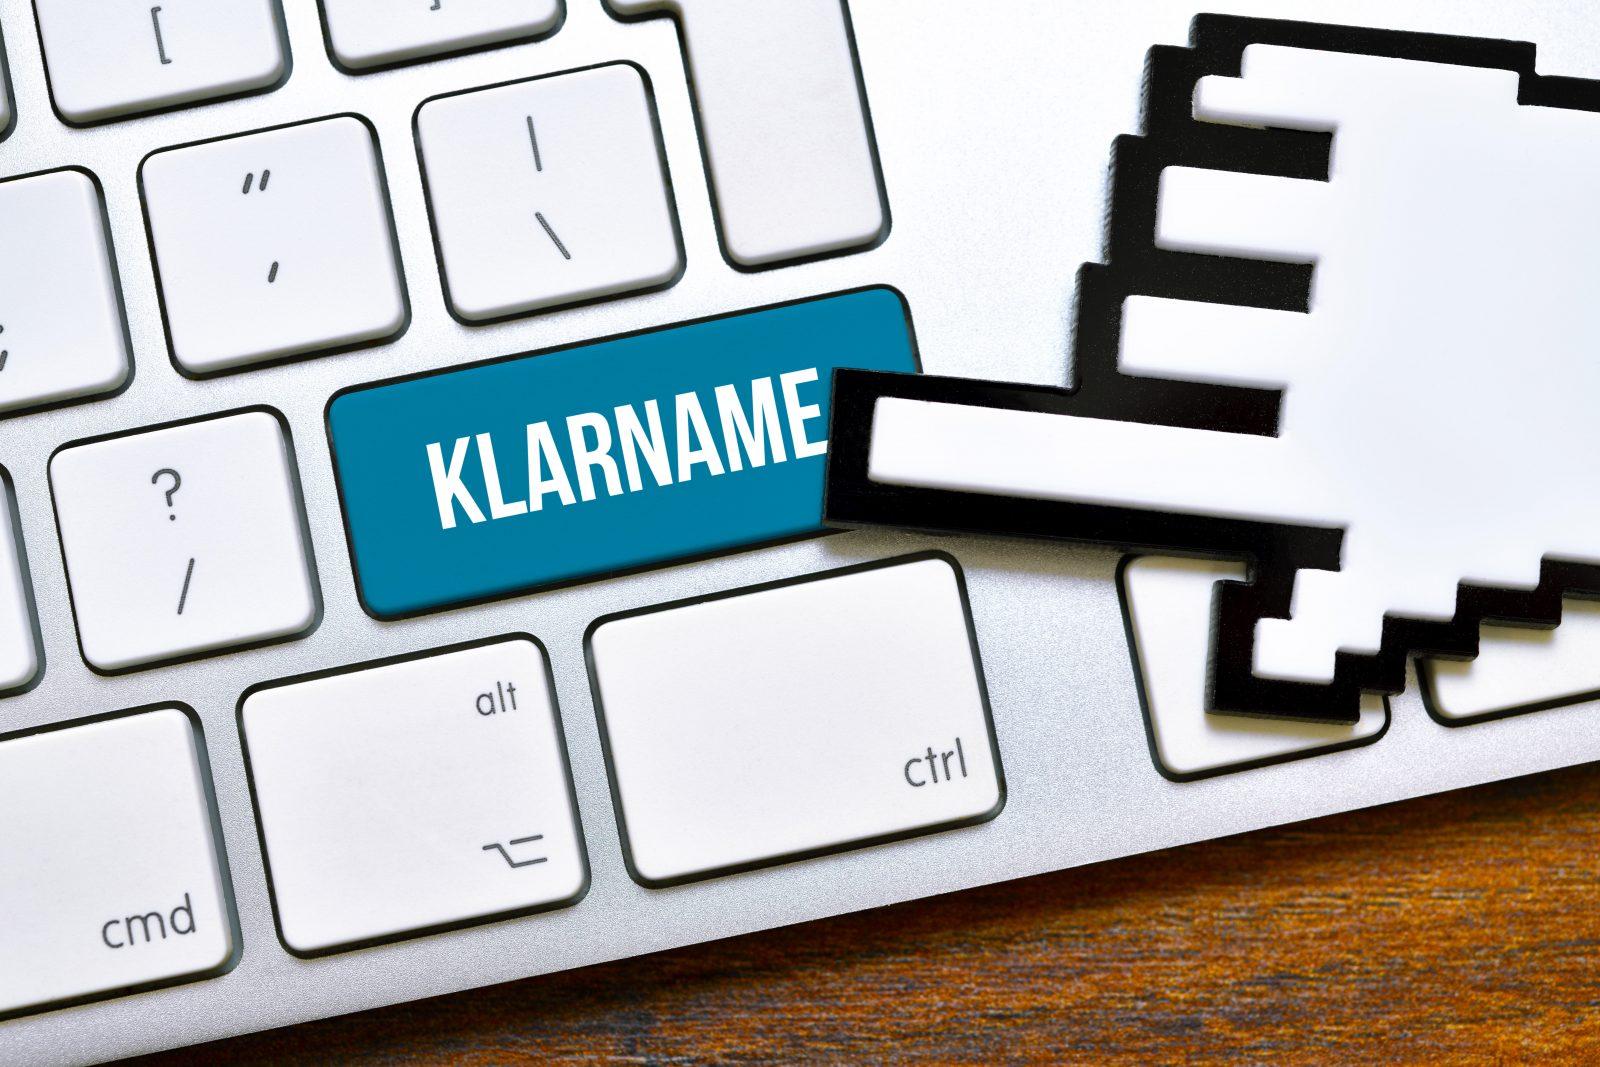 Klarnamenpflicht: Wer ein Pseudonym auf Facebook angibt, darf gesperrt werden